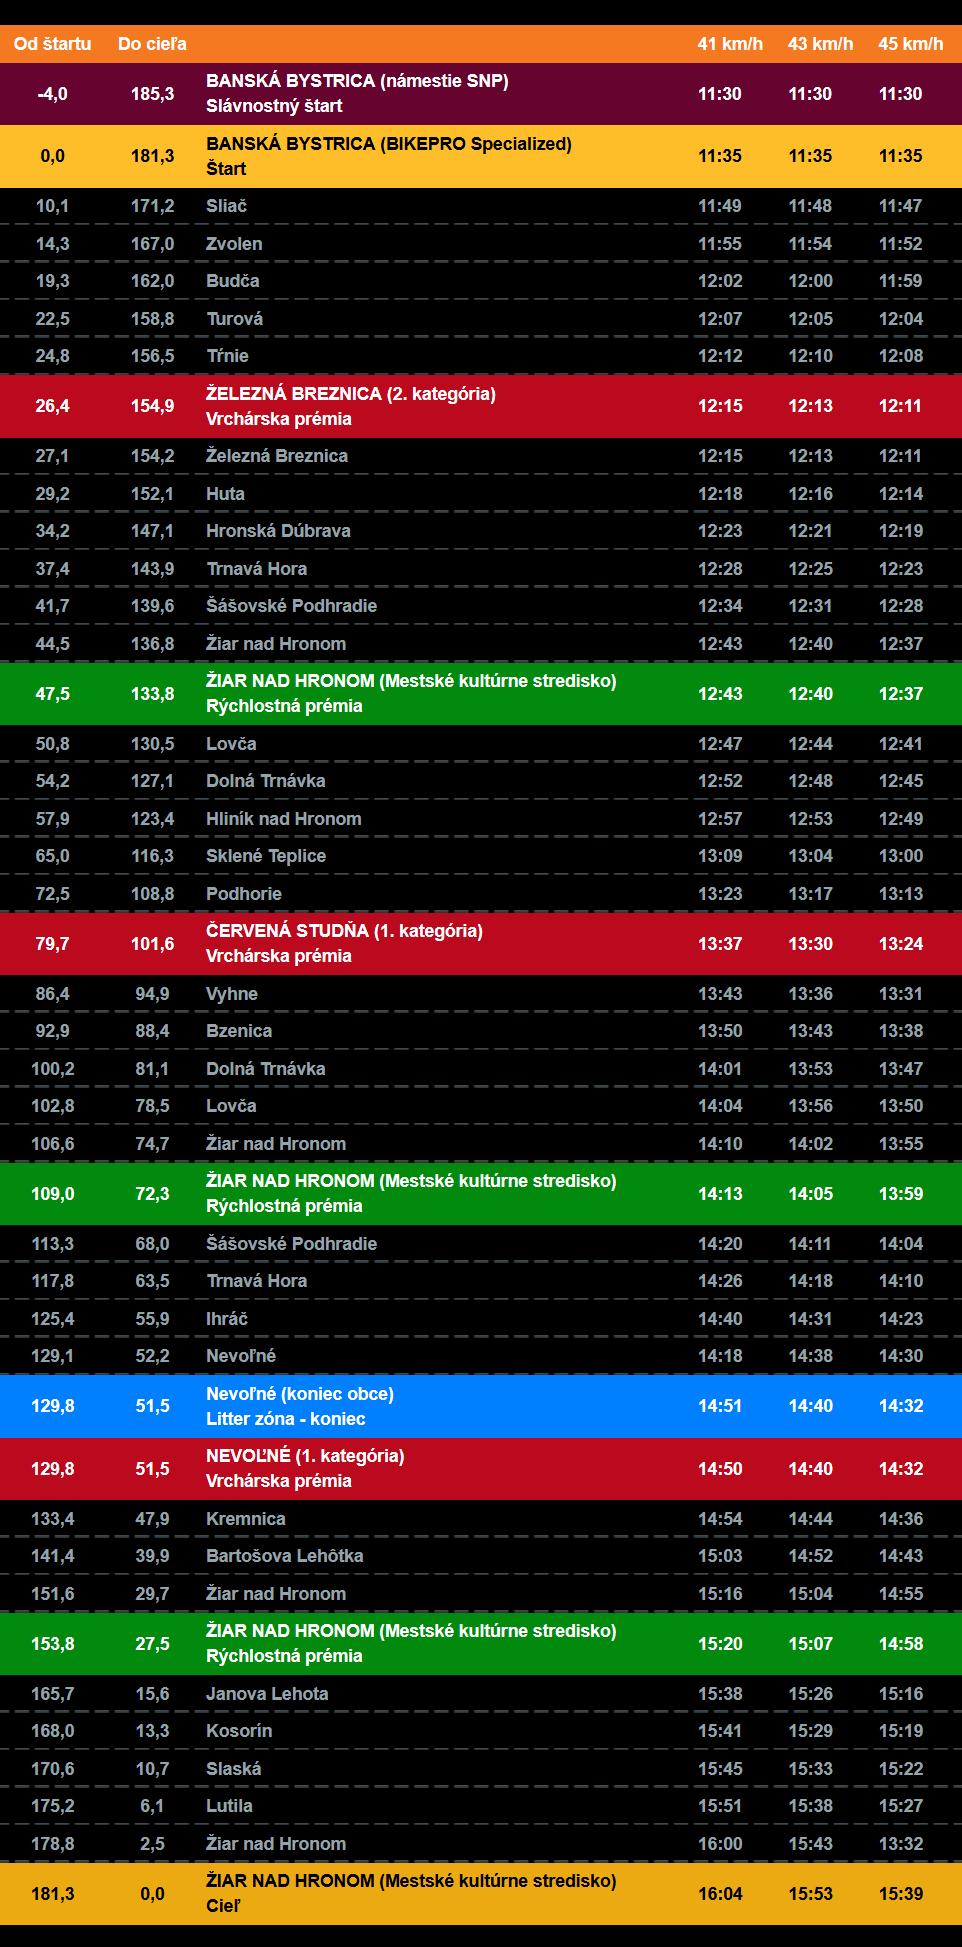 Screenshot_2020-09-17_3_etapa_-_Okolo_Slovenska